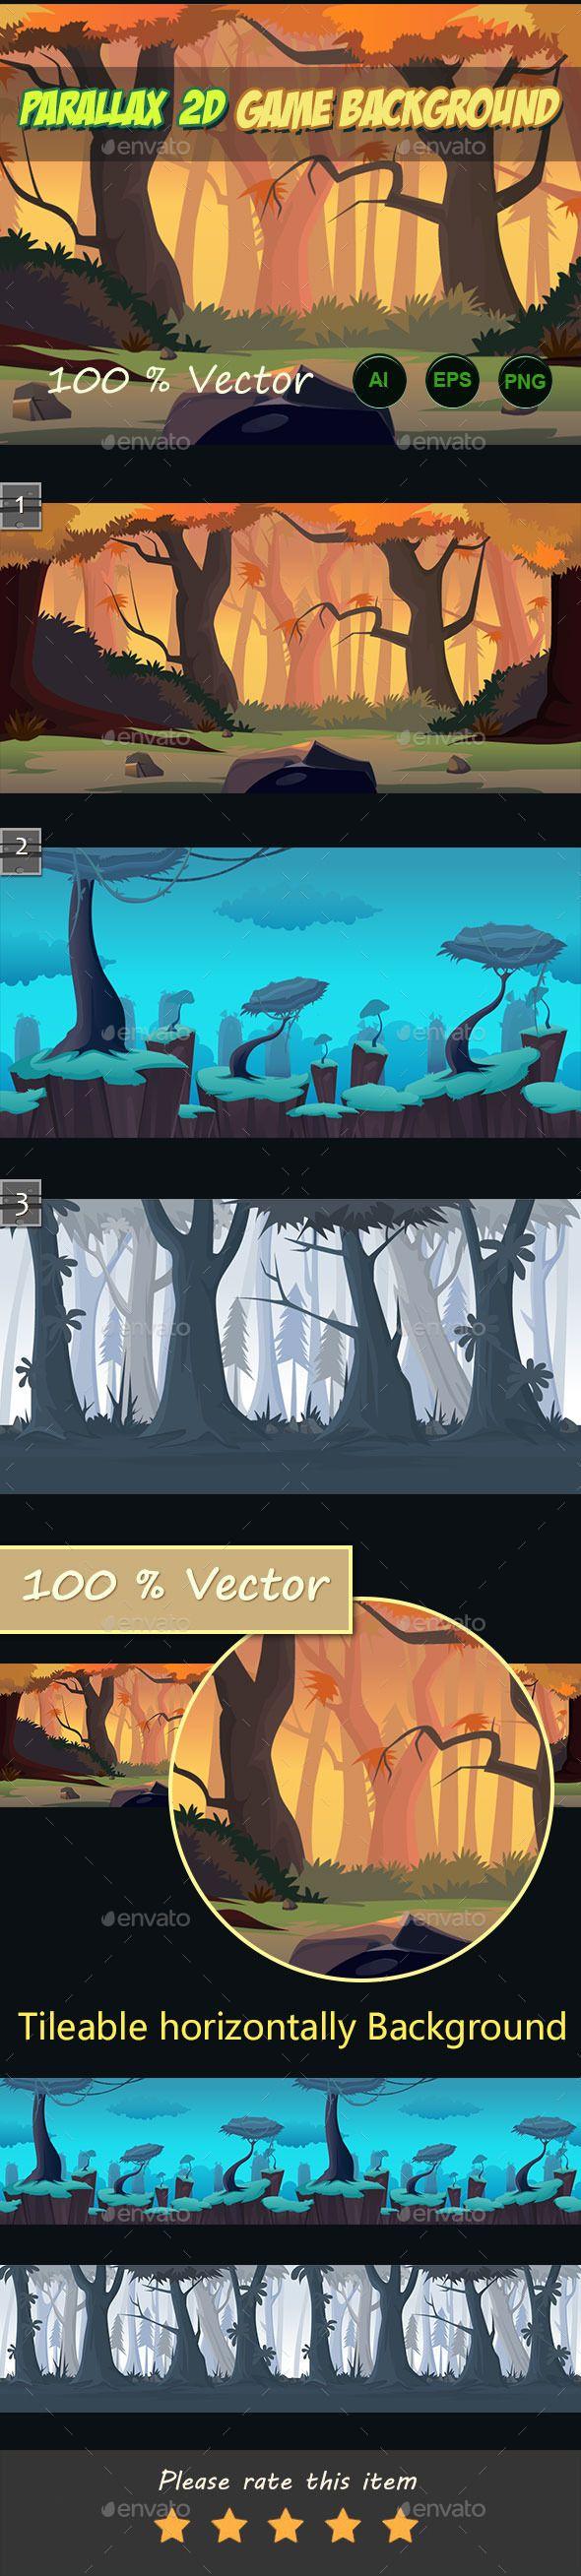 parallax 2d game Backgrounds Download here: https://graphicriver.net/item/parallax-2d-game-backgrounds/11489050?ref=KlitVogli